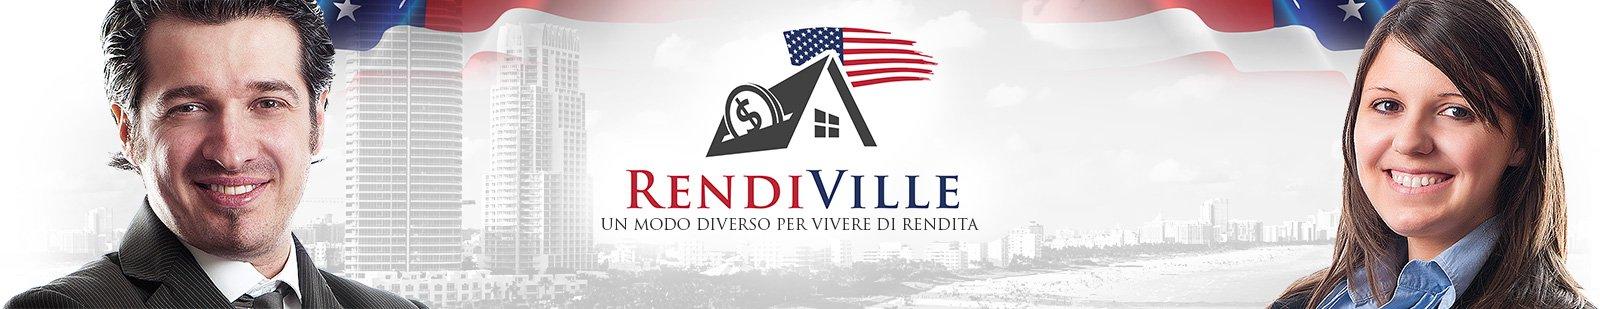 RendiVille